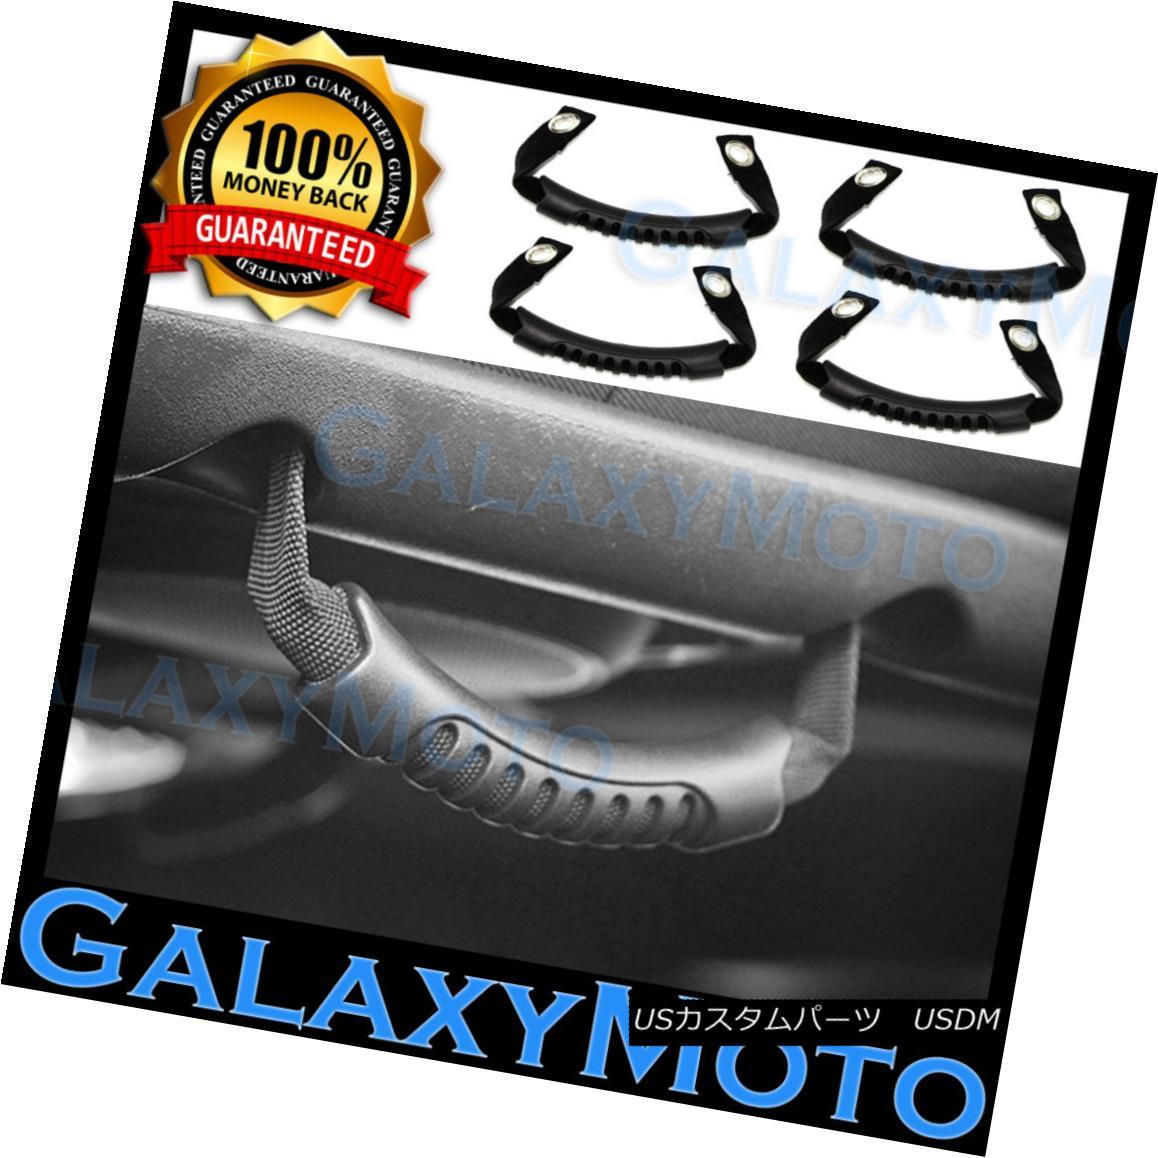 グリル Black Rear Side Grab Handle 4pcs Set for 07-17 Jeep Wrangler JK 07-17ジープラングラーJKのブラックリアサイドグラブハンドル4個セット